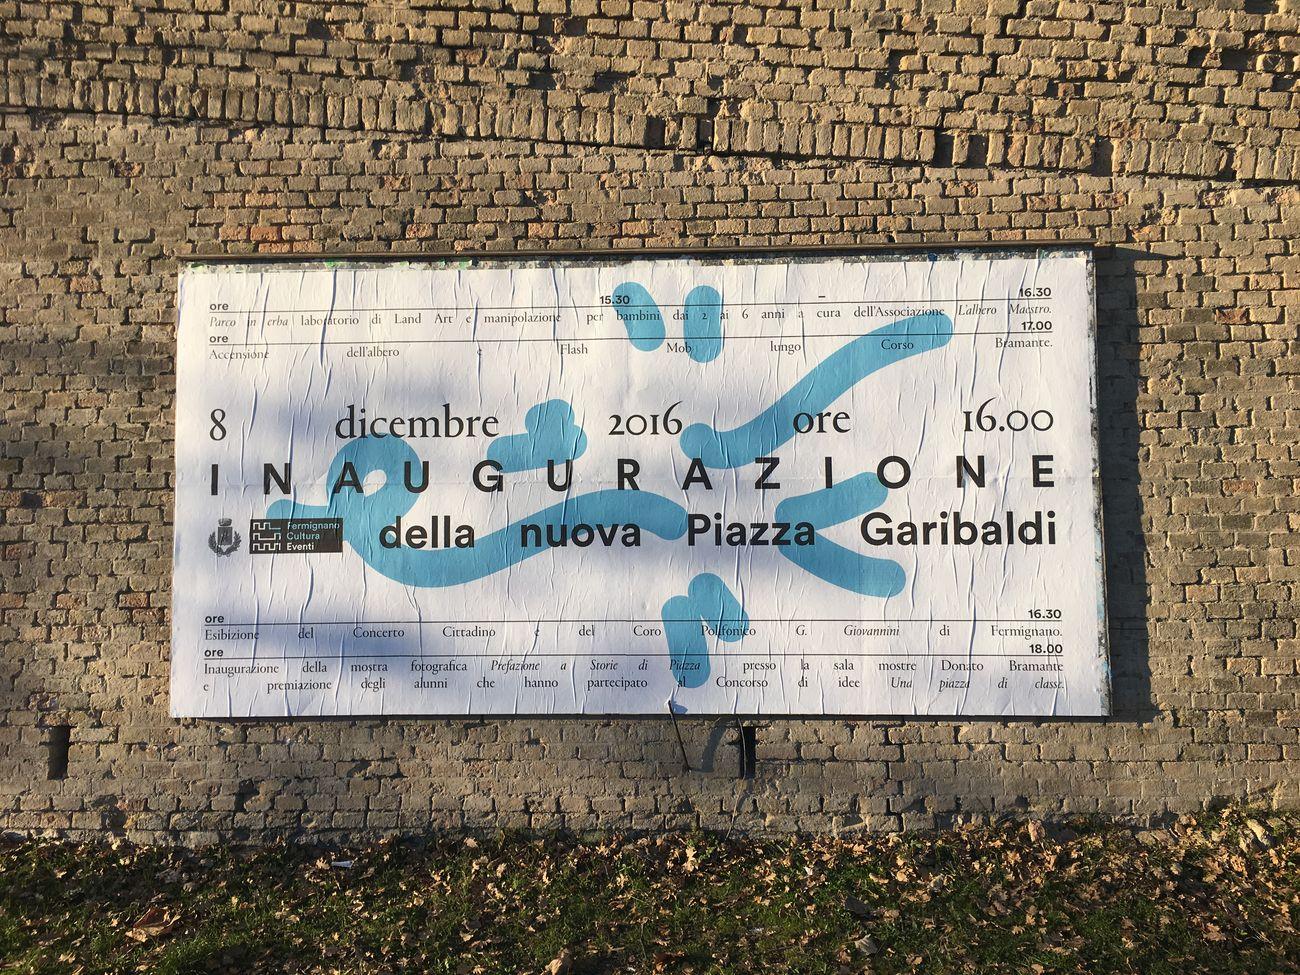 Jonathan Pierini, Identità coordinata e sistema di comunicazione murale per il settore Cultura e Turismo del Comune di Fermignano (PU), 2016